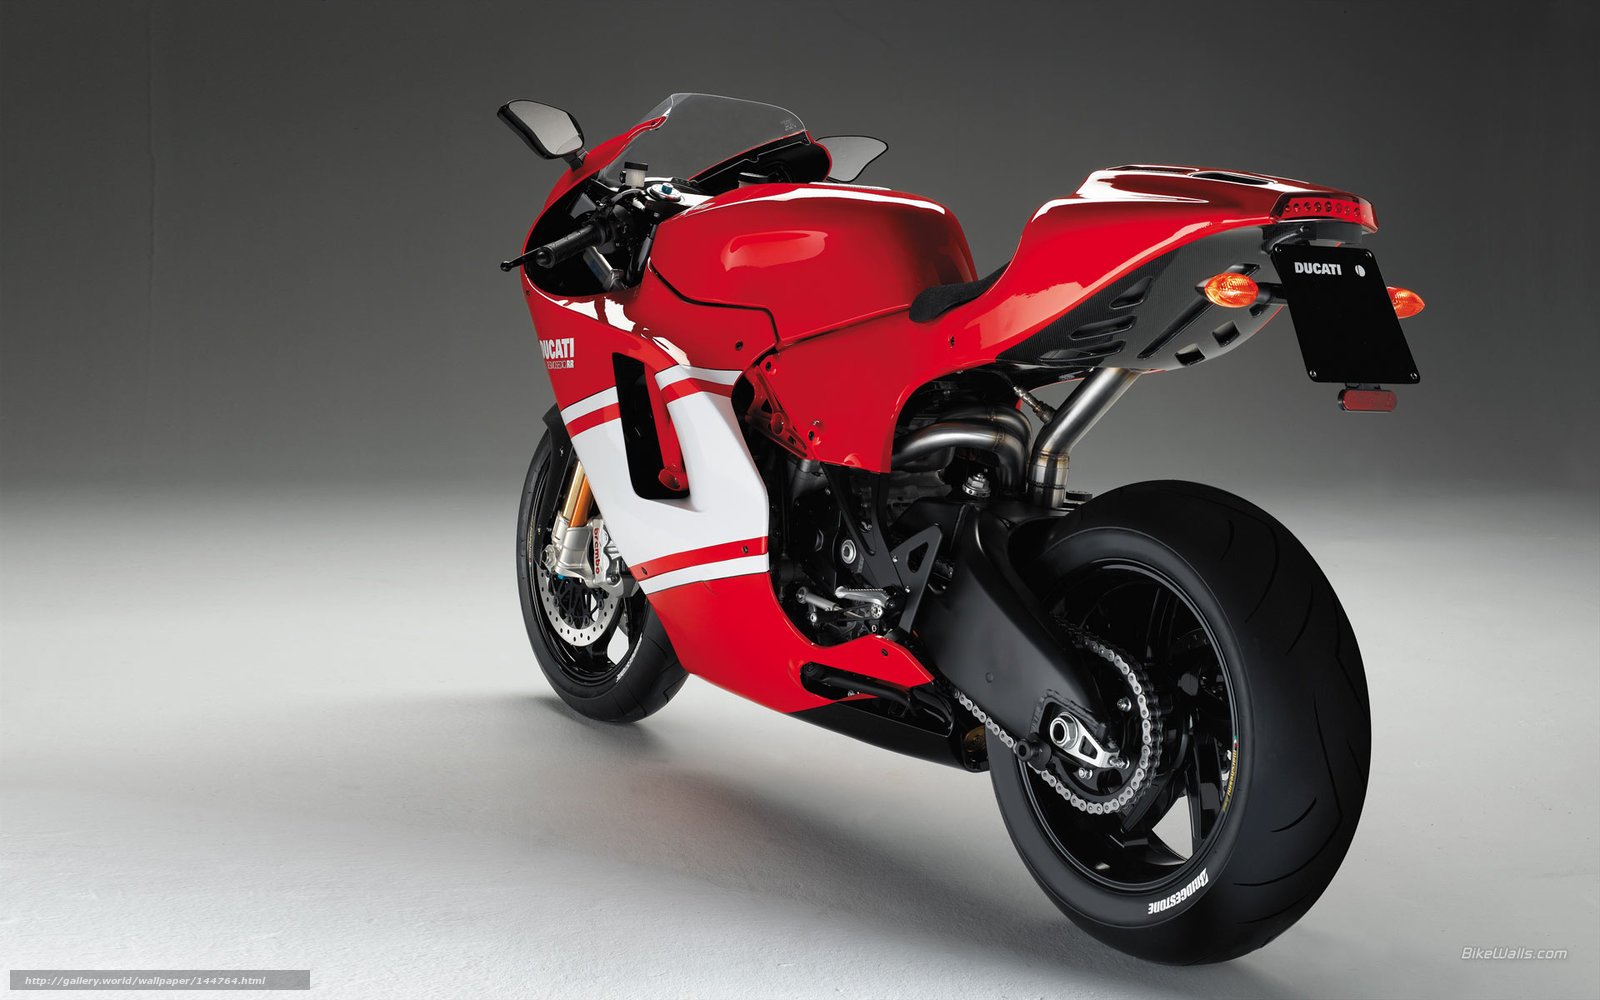 Скачать обои Ducati,  Superbike,  Desmosedici RR,  Desmosedici RR 2006 бесплатно для рабочего стола в разрешении 1920x1200 — картинка №144764